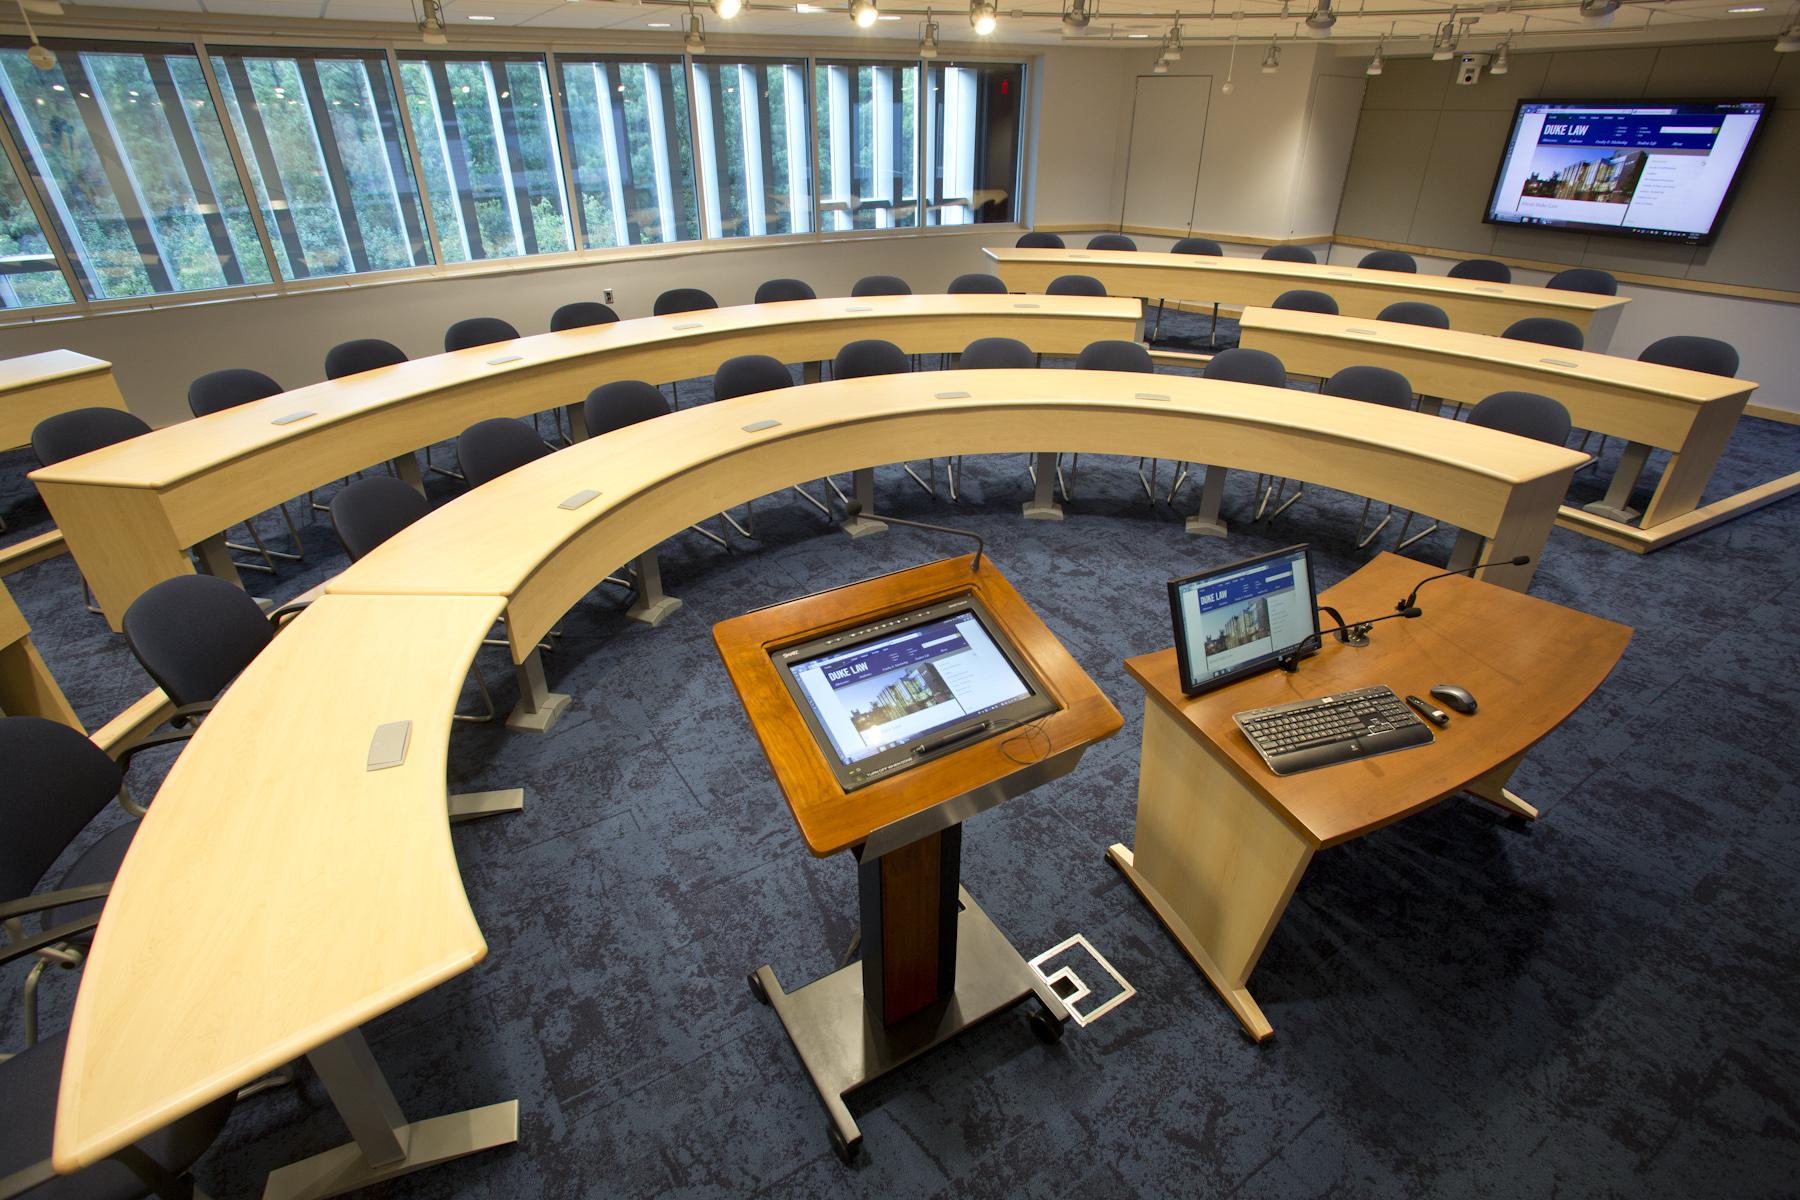 Duke Law School – Classroom 4000